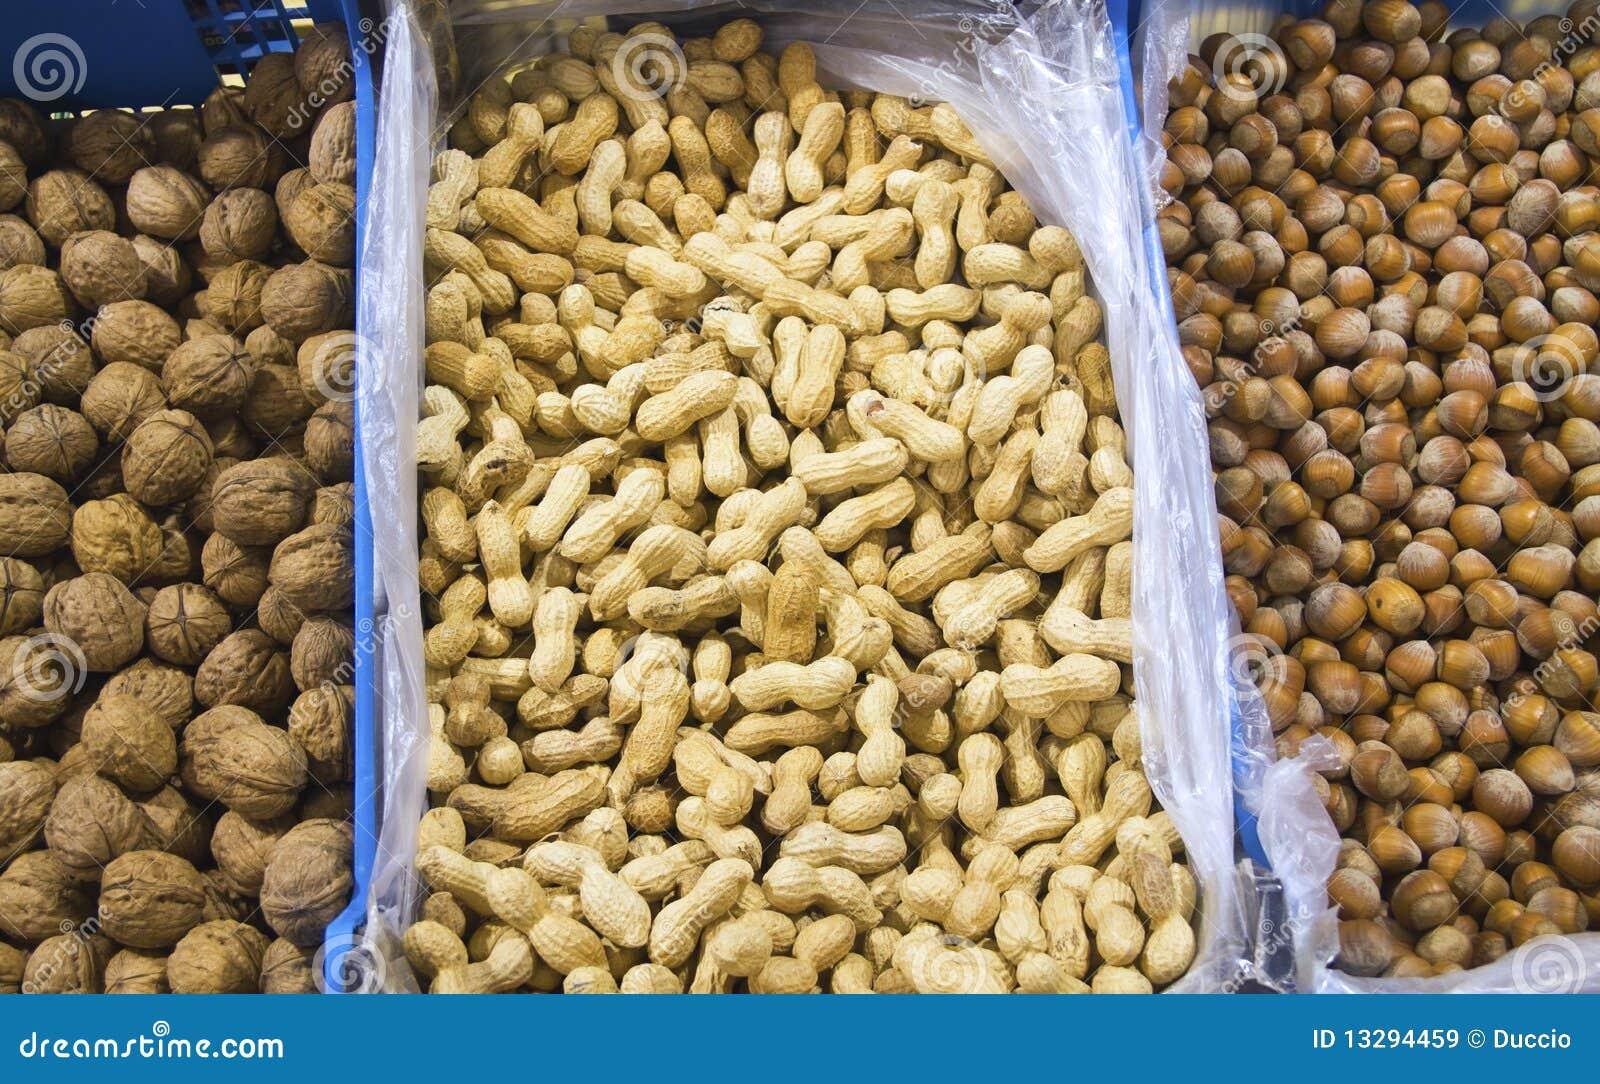 Hazel nuts and peanuts